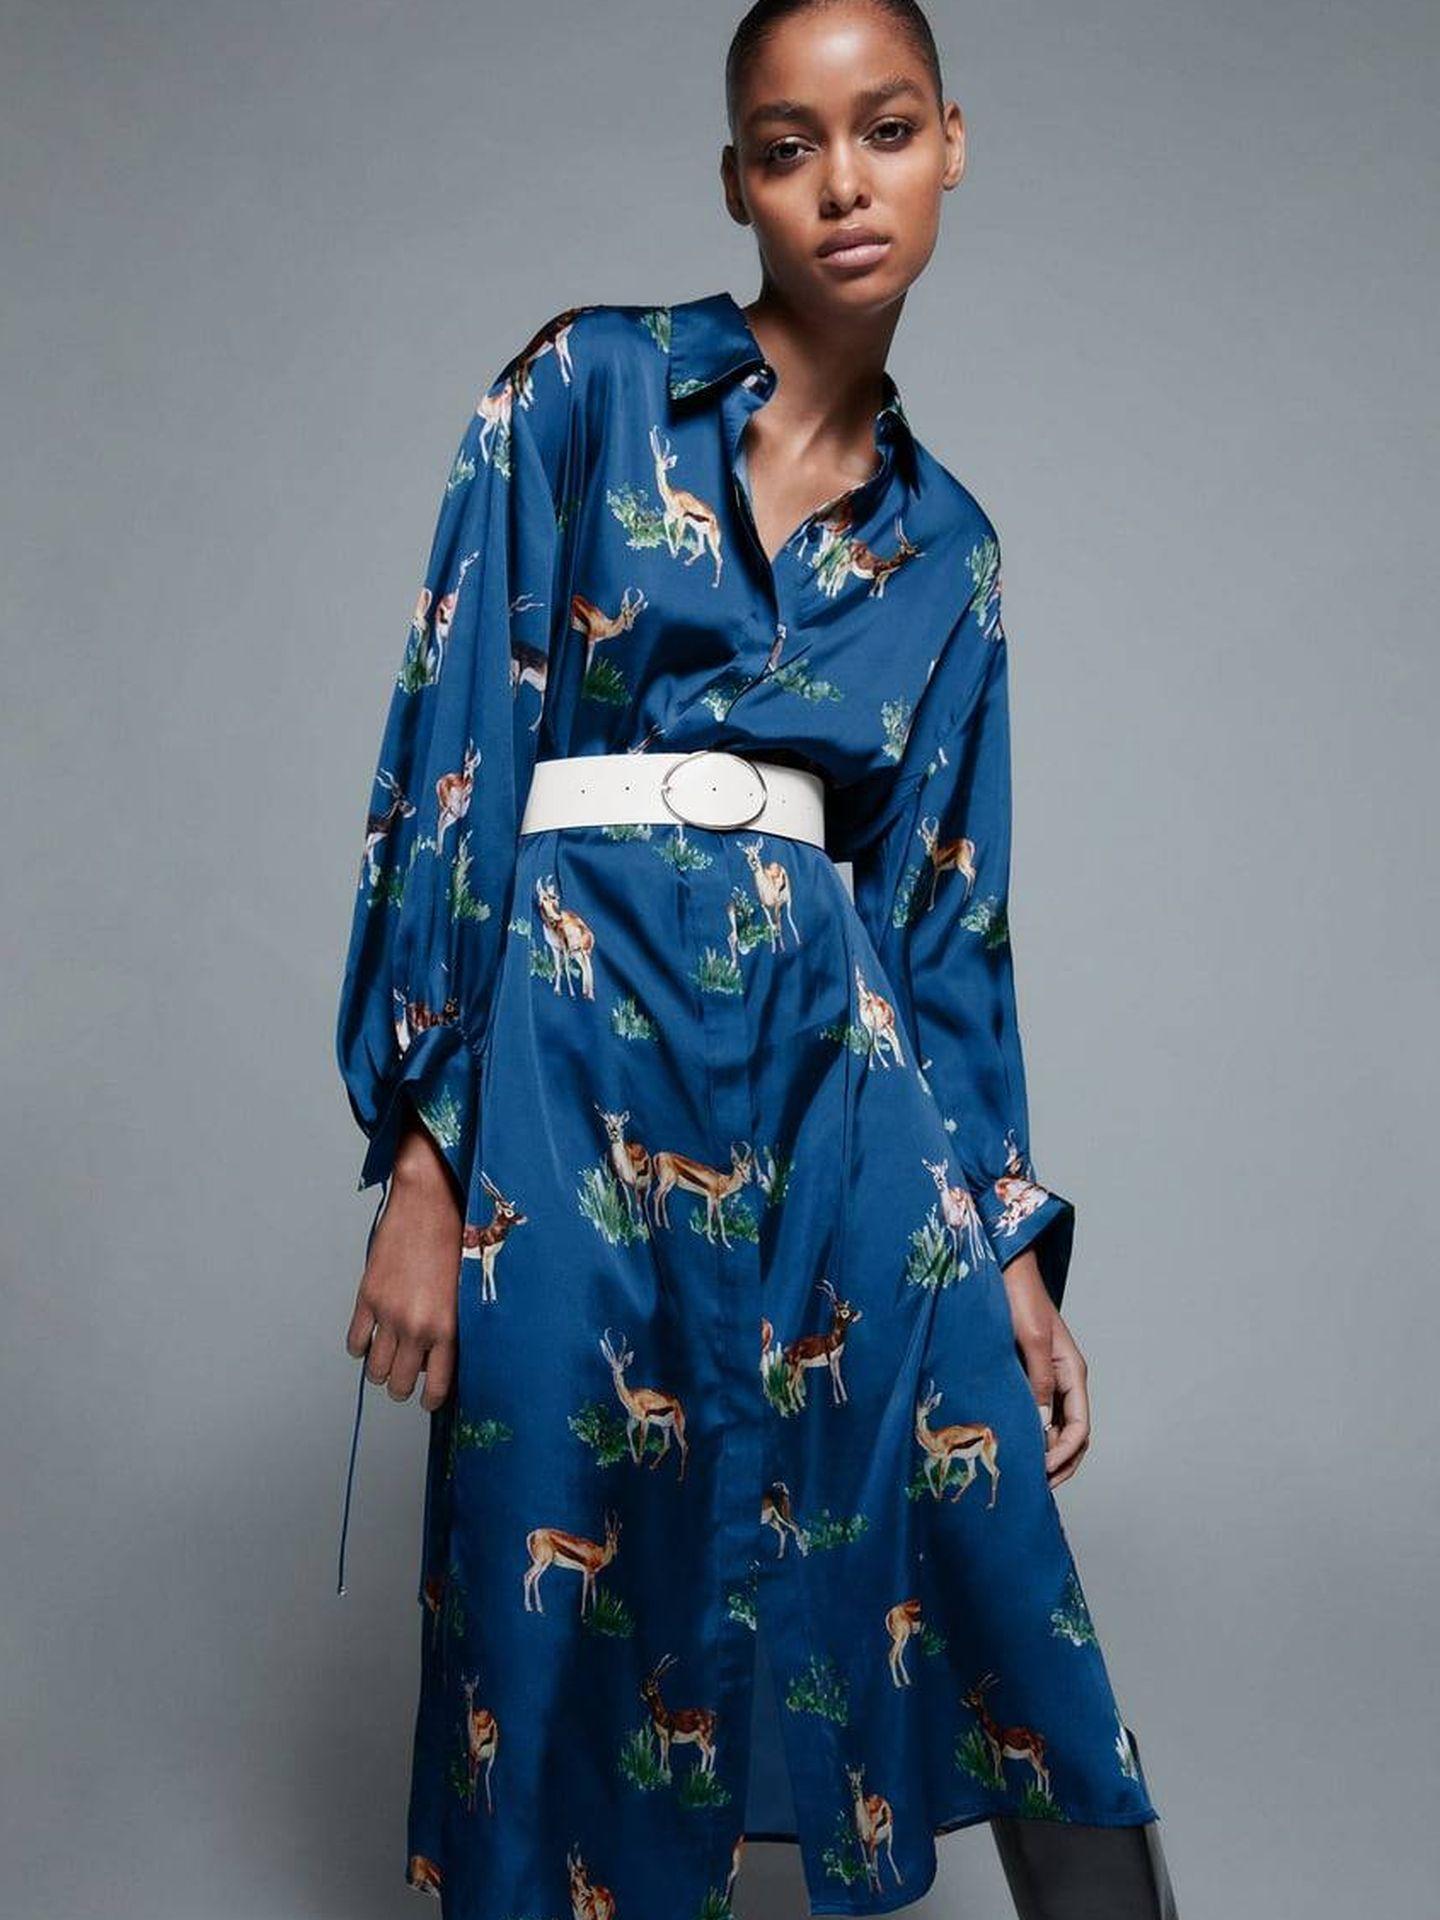 Vestido de rebajas de Zara. (Cortesía)